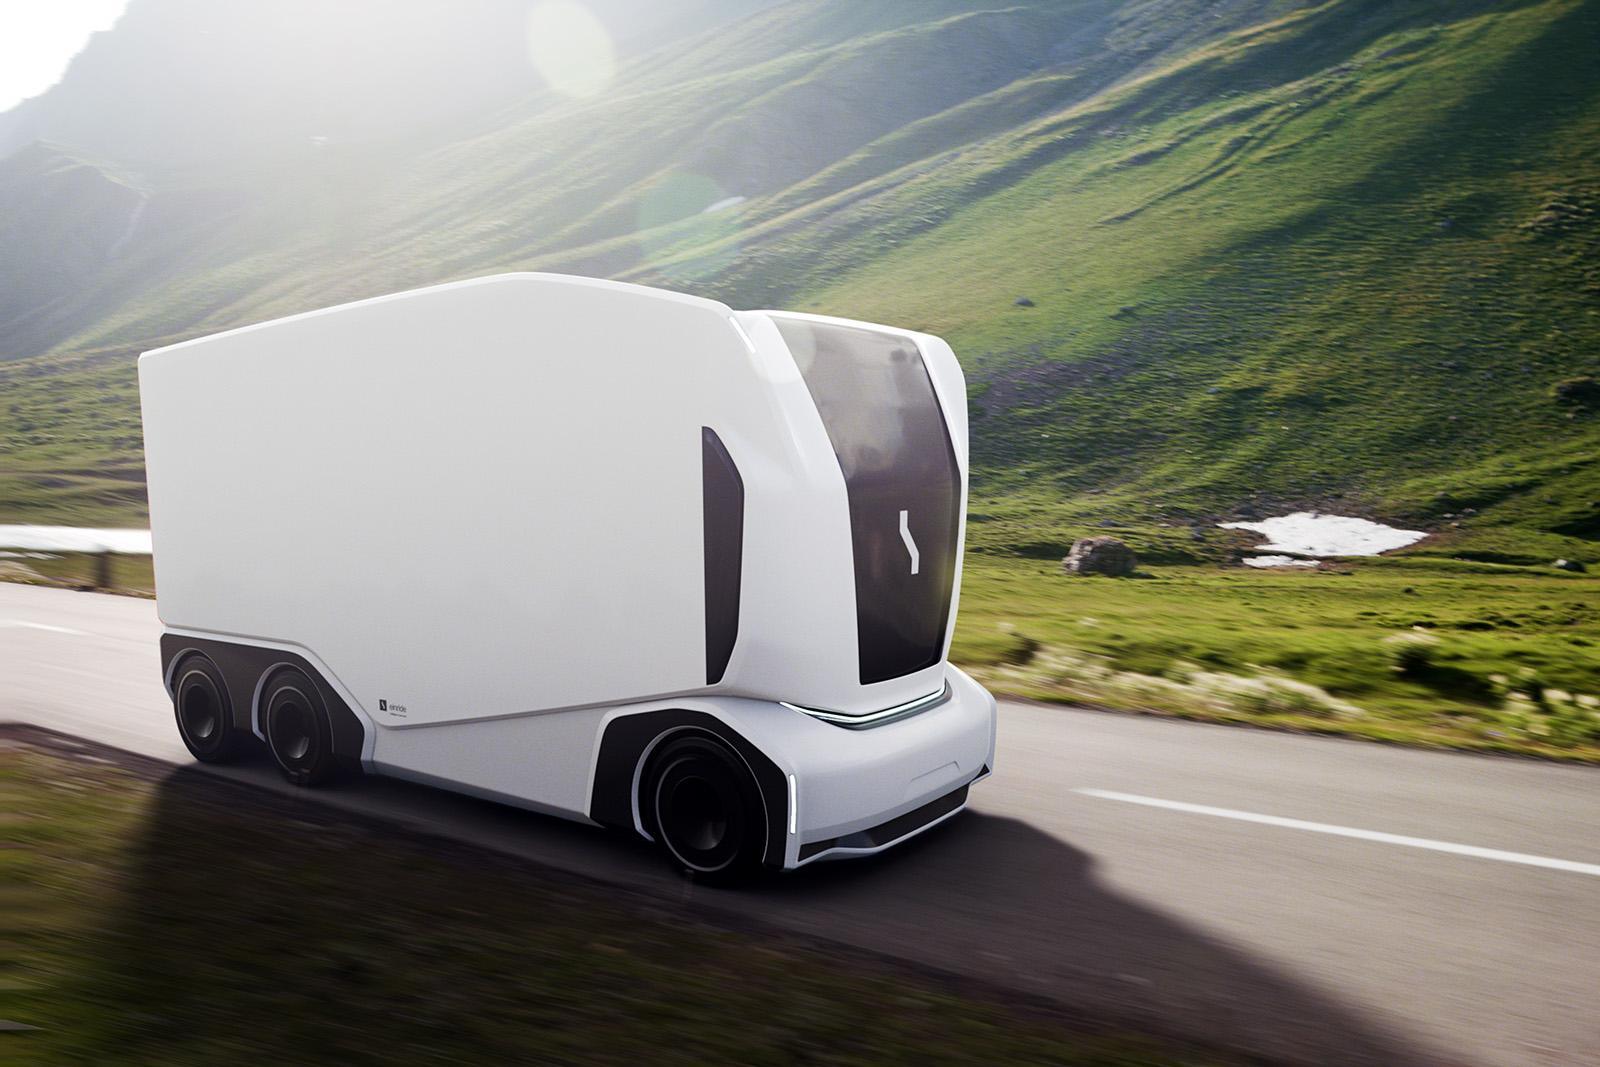 Viitorul transportului electric de mărfuri în viziunea Einride